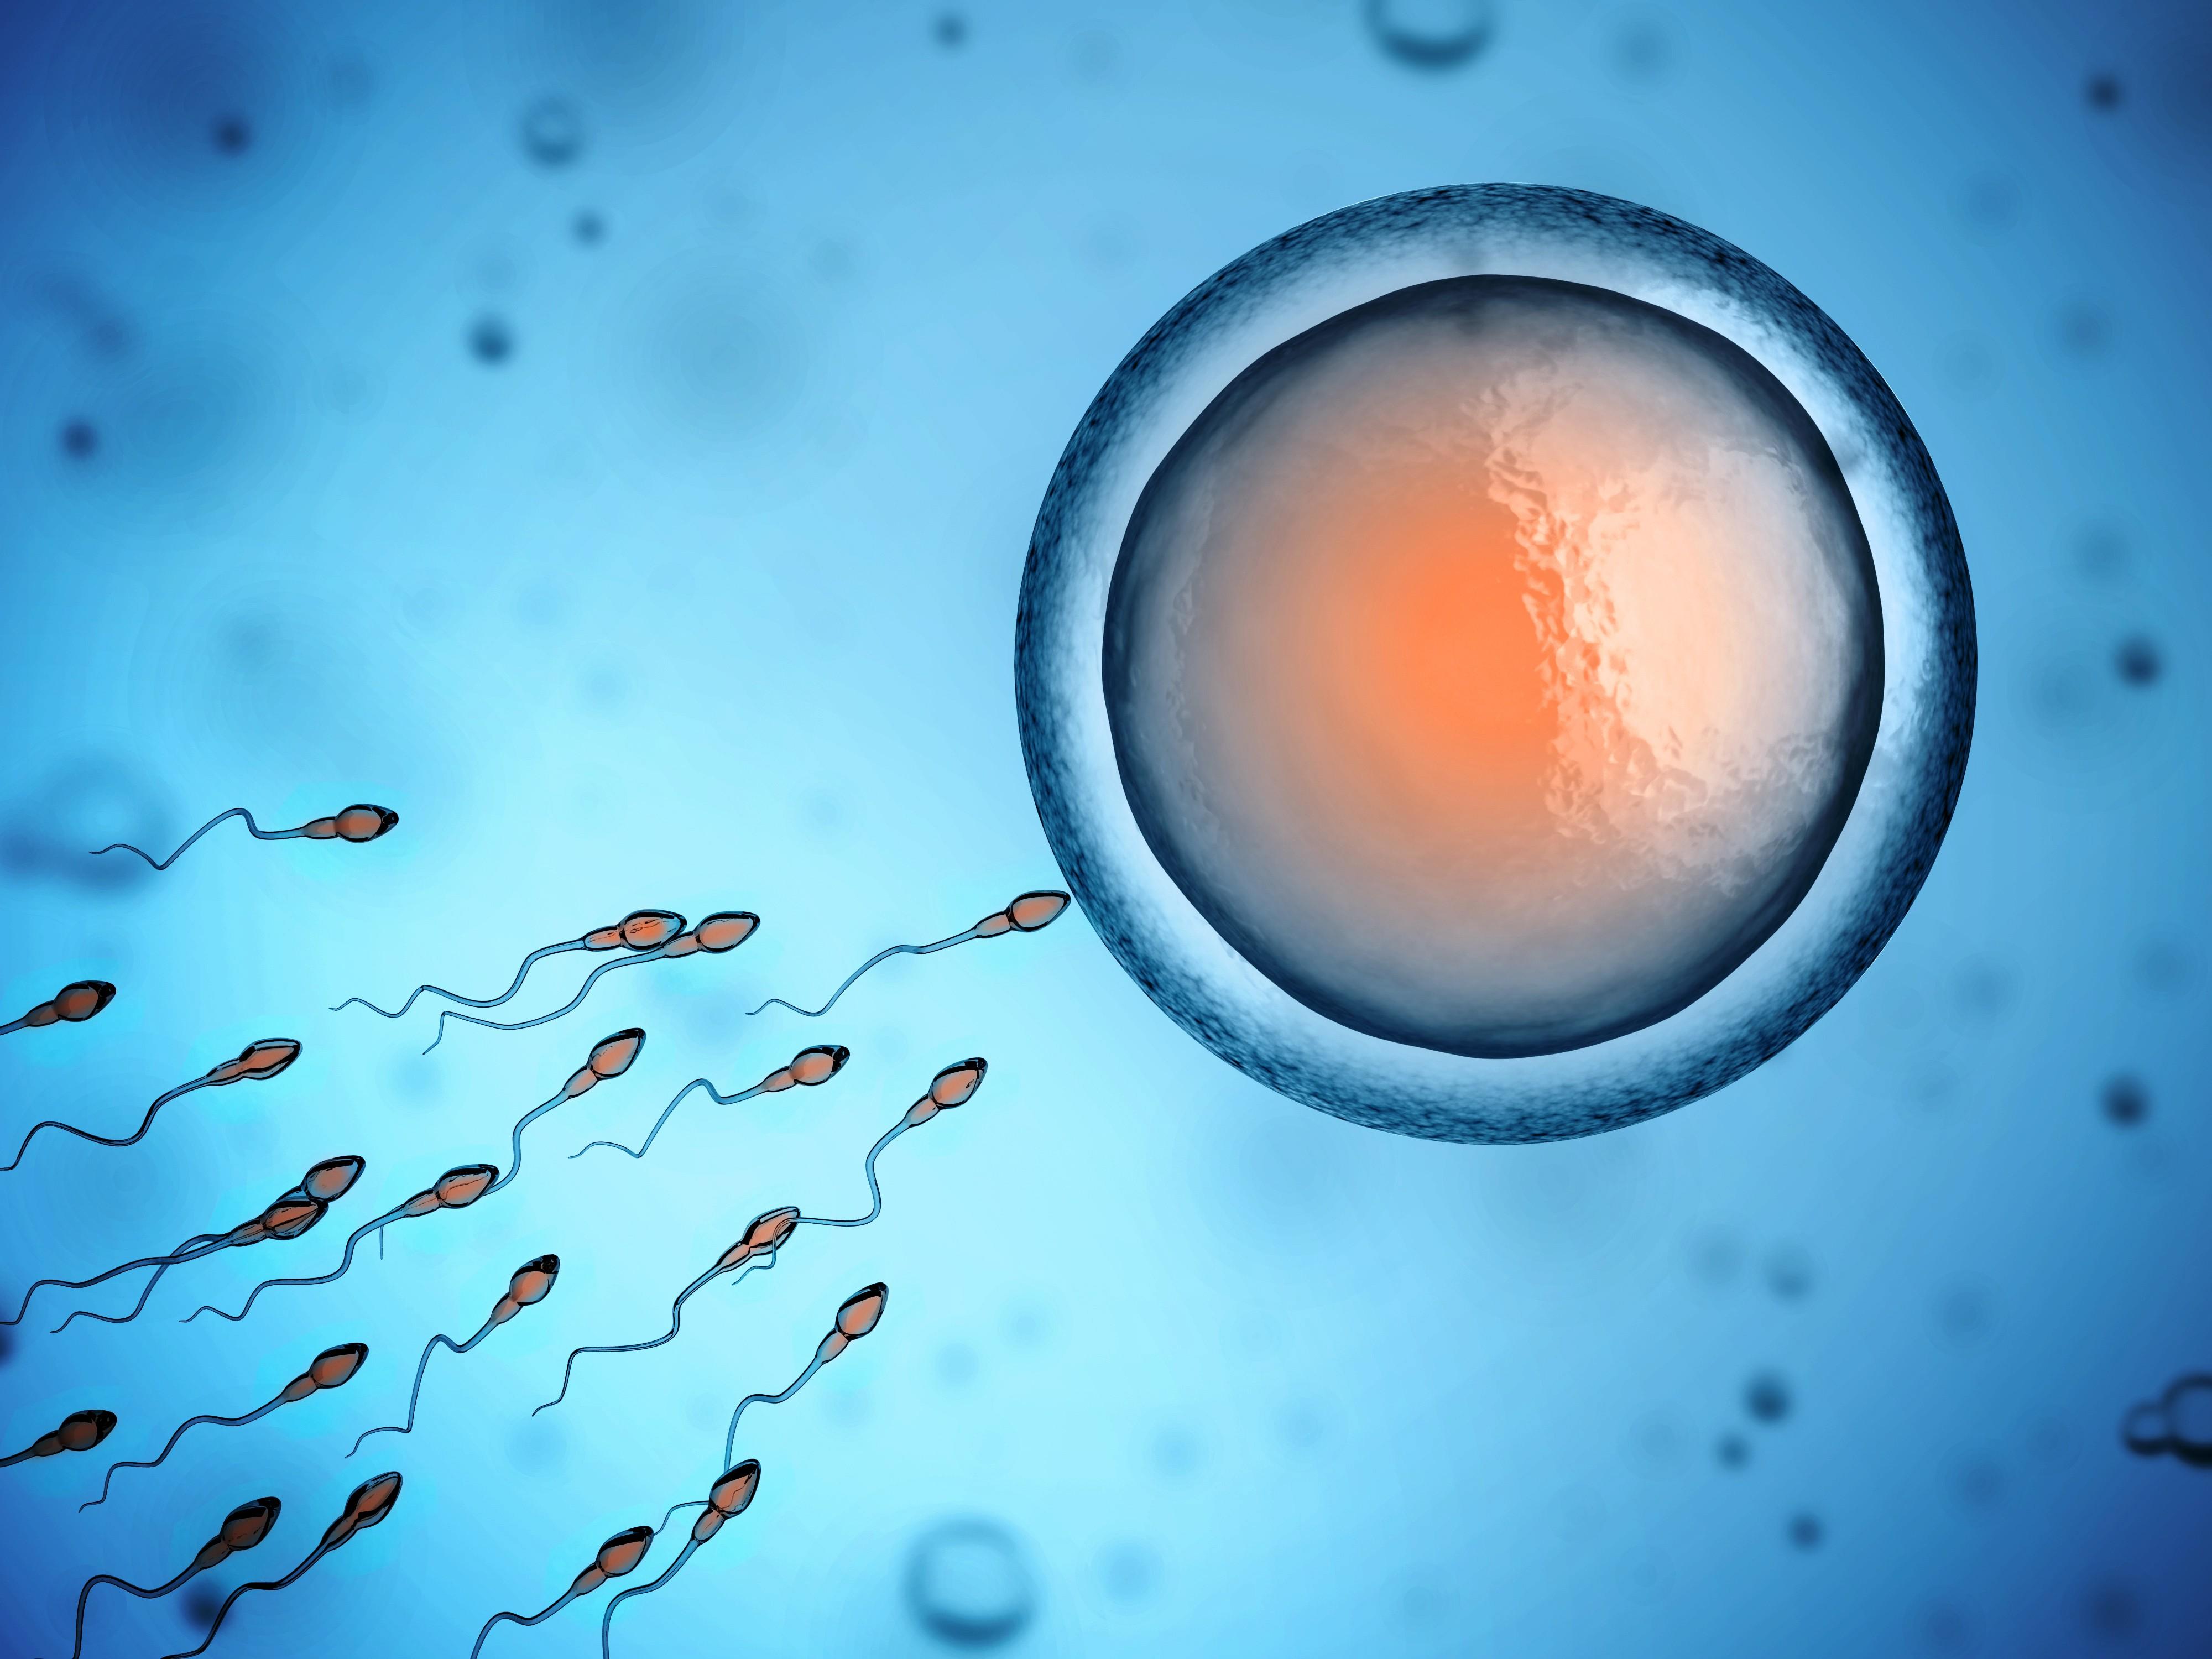 stoimost-donorskoy-spermi